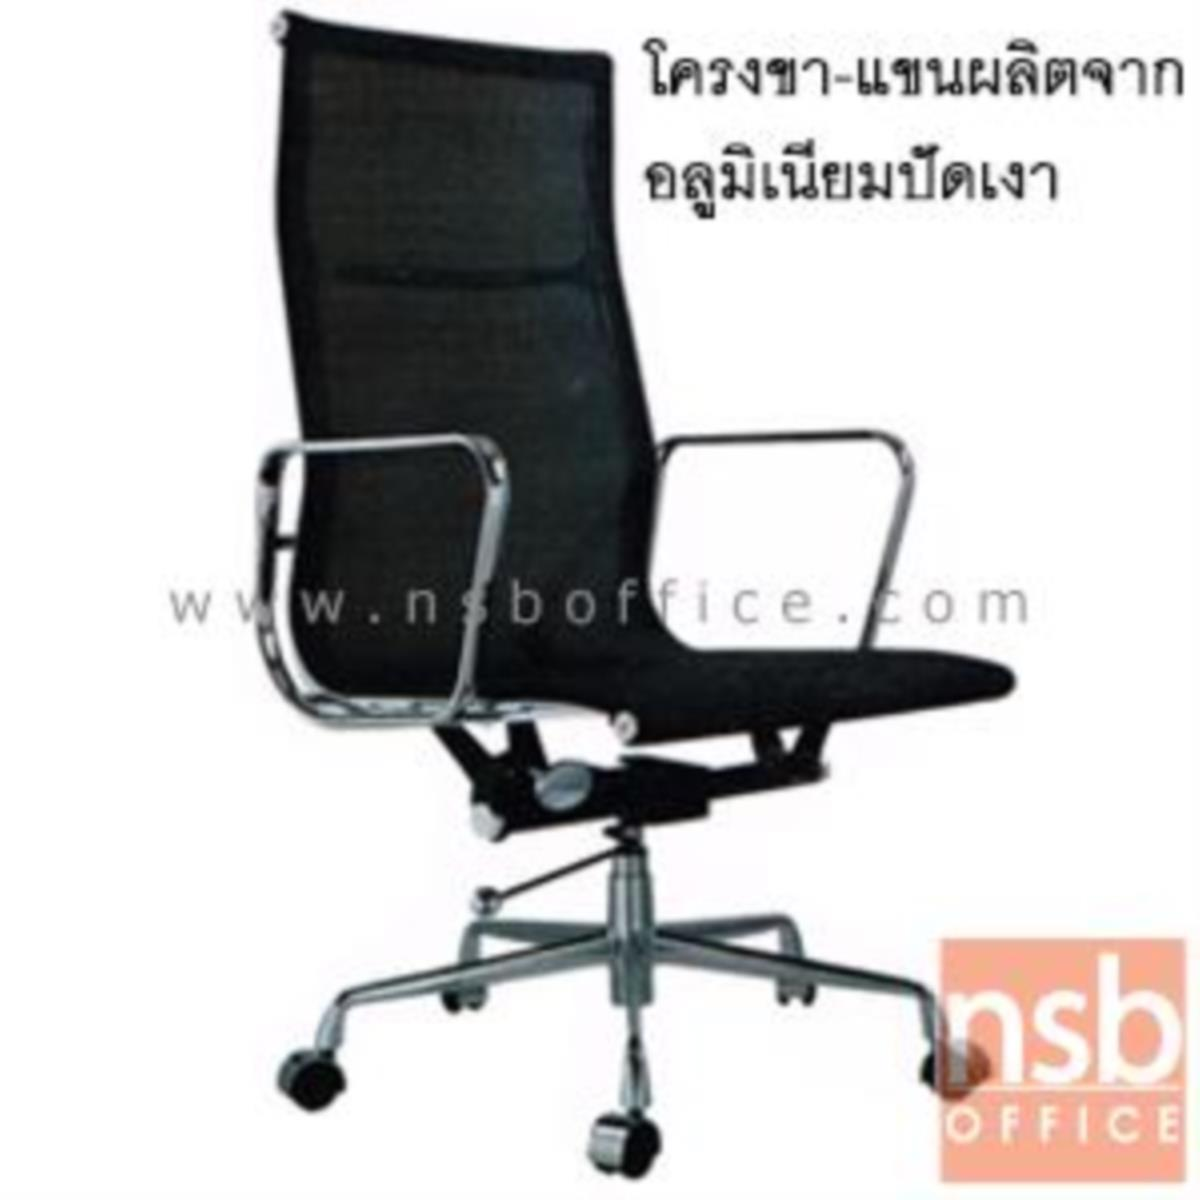 B24A105:เก้าอี้ผู้บริหารหลังเน็ต รุ่น Silico (ซิลิโก้)  โช๊คแก๊ส มีก้อนโยก ขาอลูมิเนียม